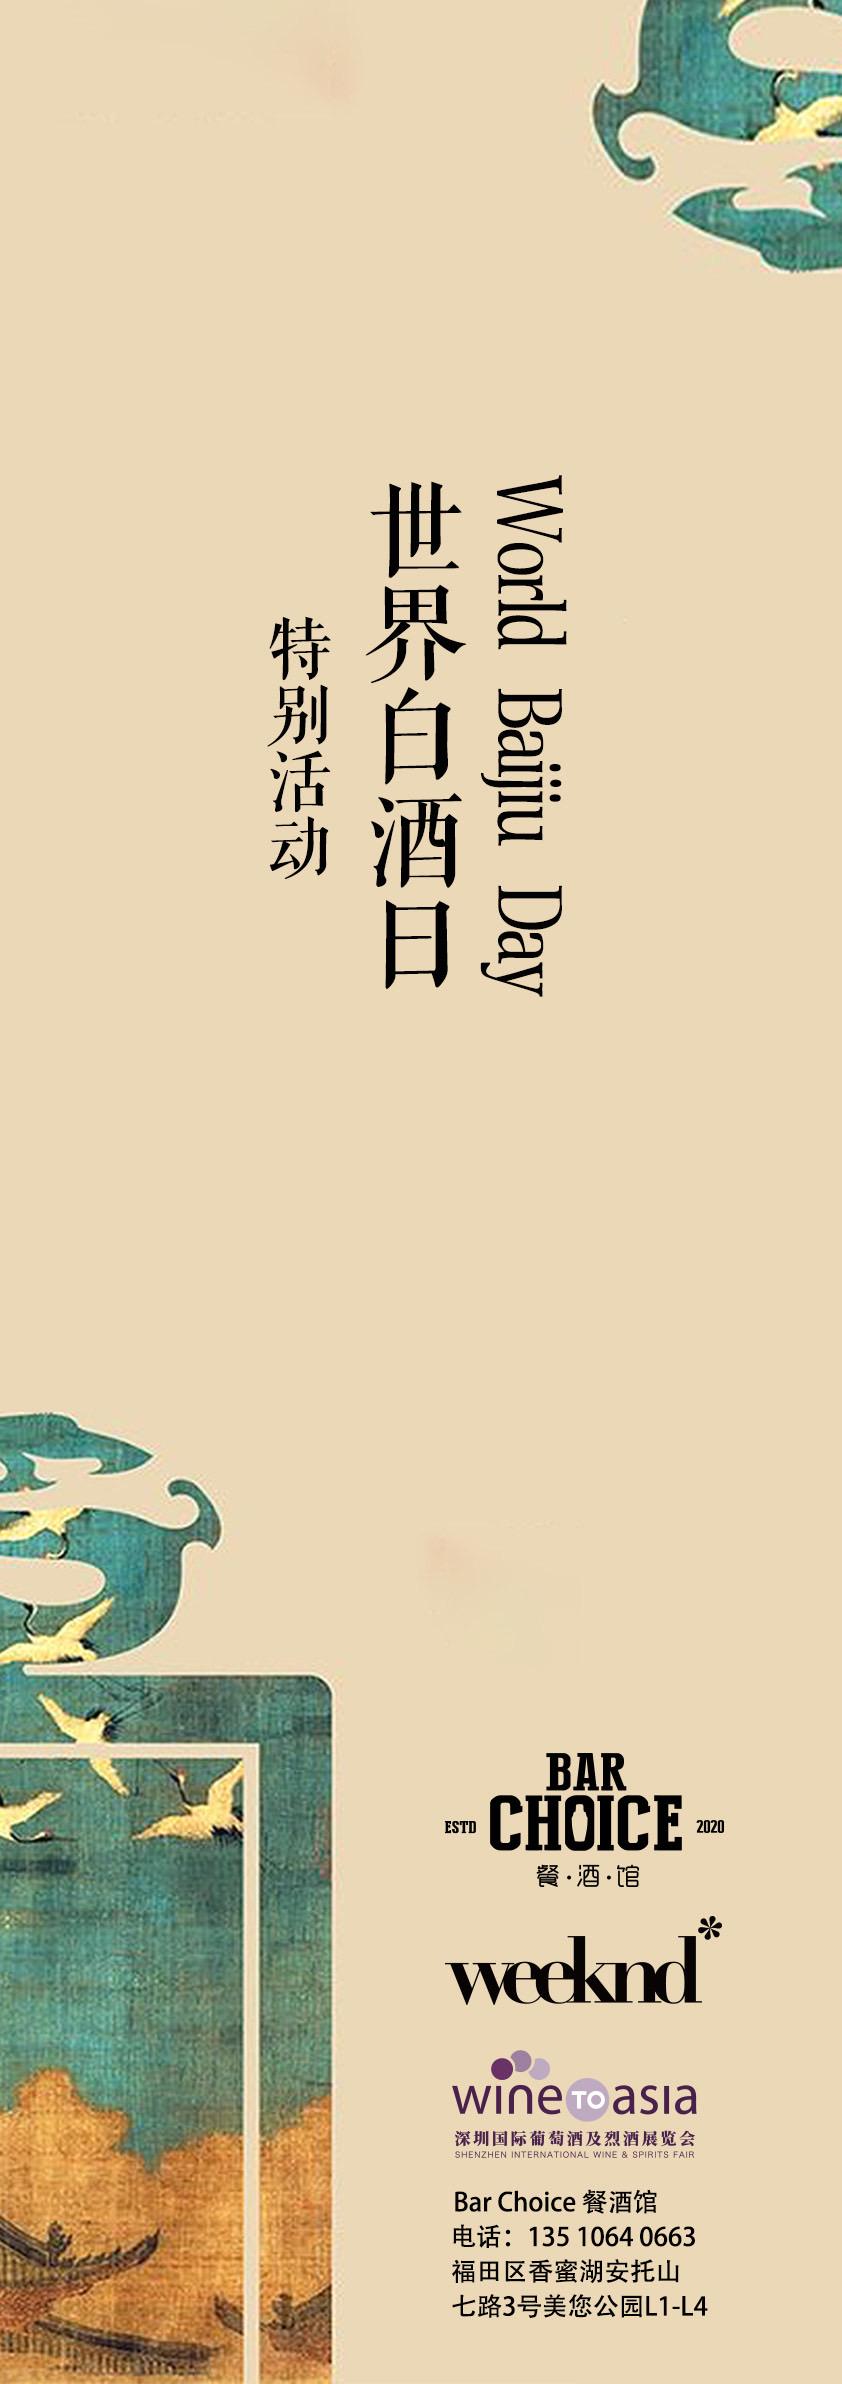 world-baijiu-day-2021-shenzhen-bar-choice-weeknd-wine-to-asia-99